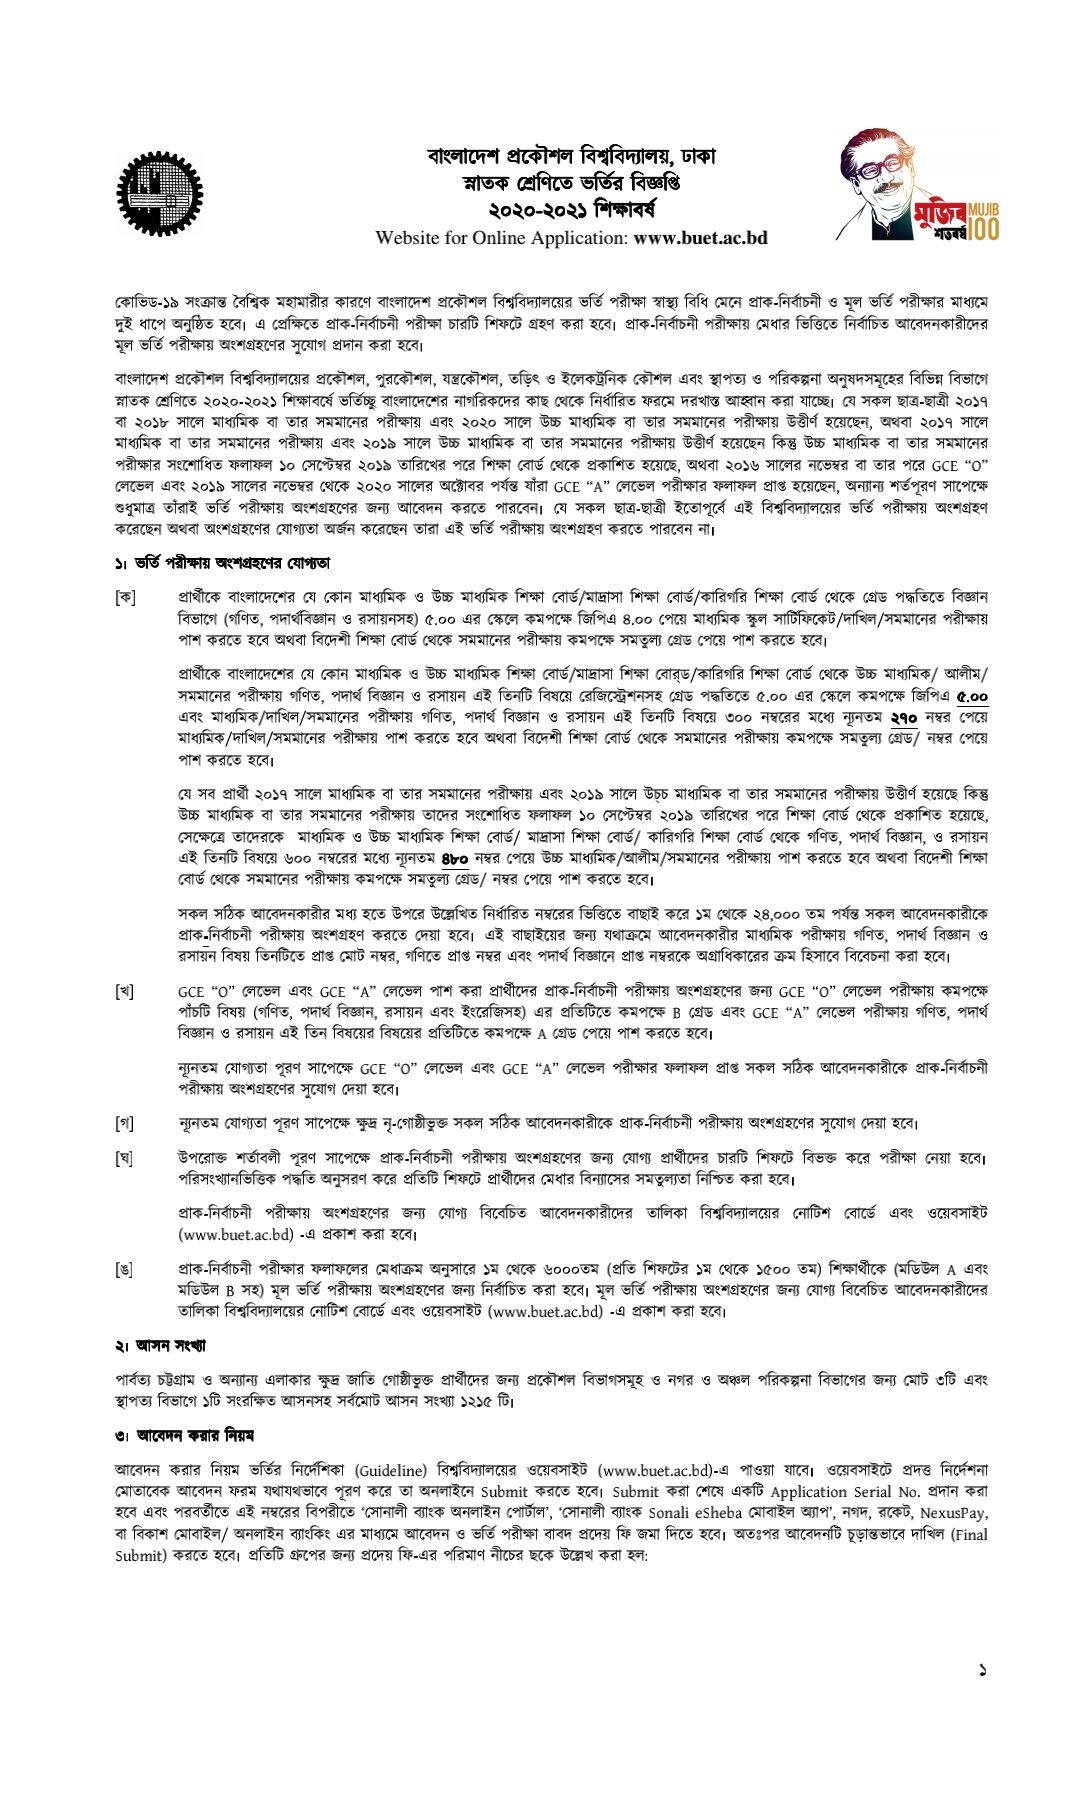 বুয়েট ভর্তি বিজ্ঞপ্তি ২০২০-২০২১